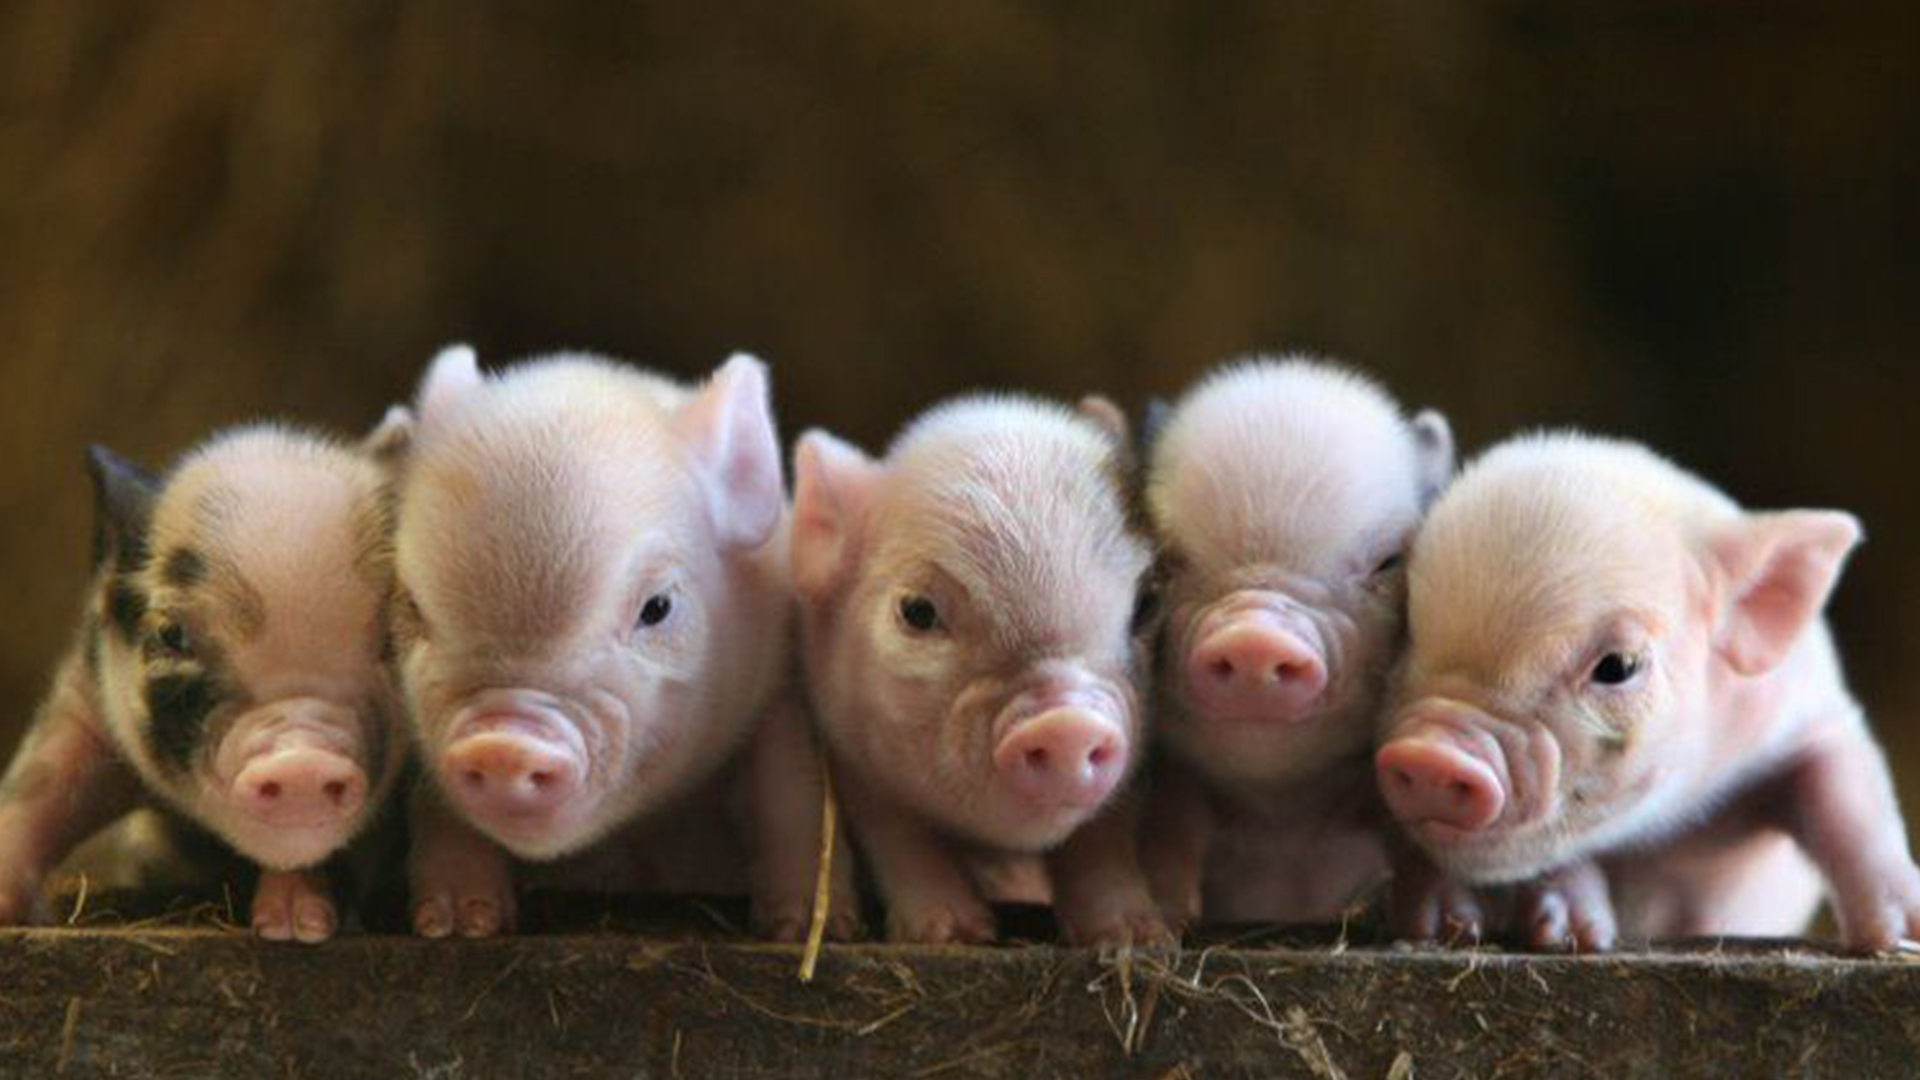 peewee piglets teacup pigs